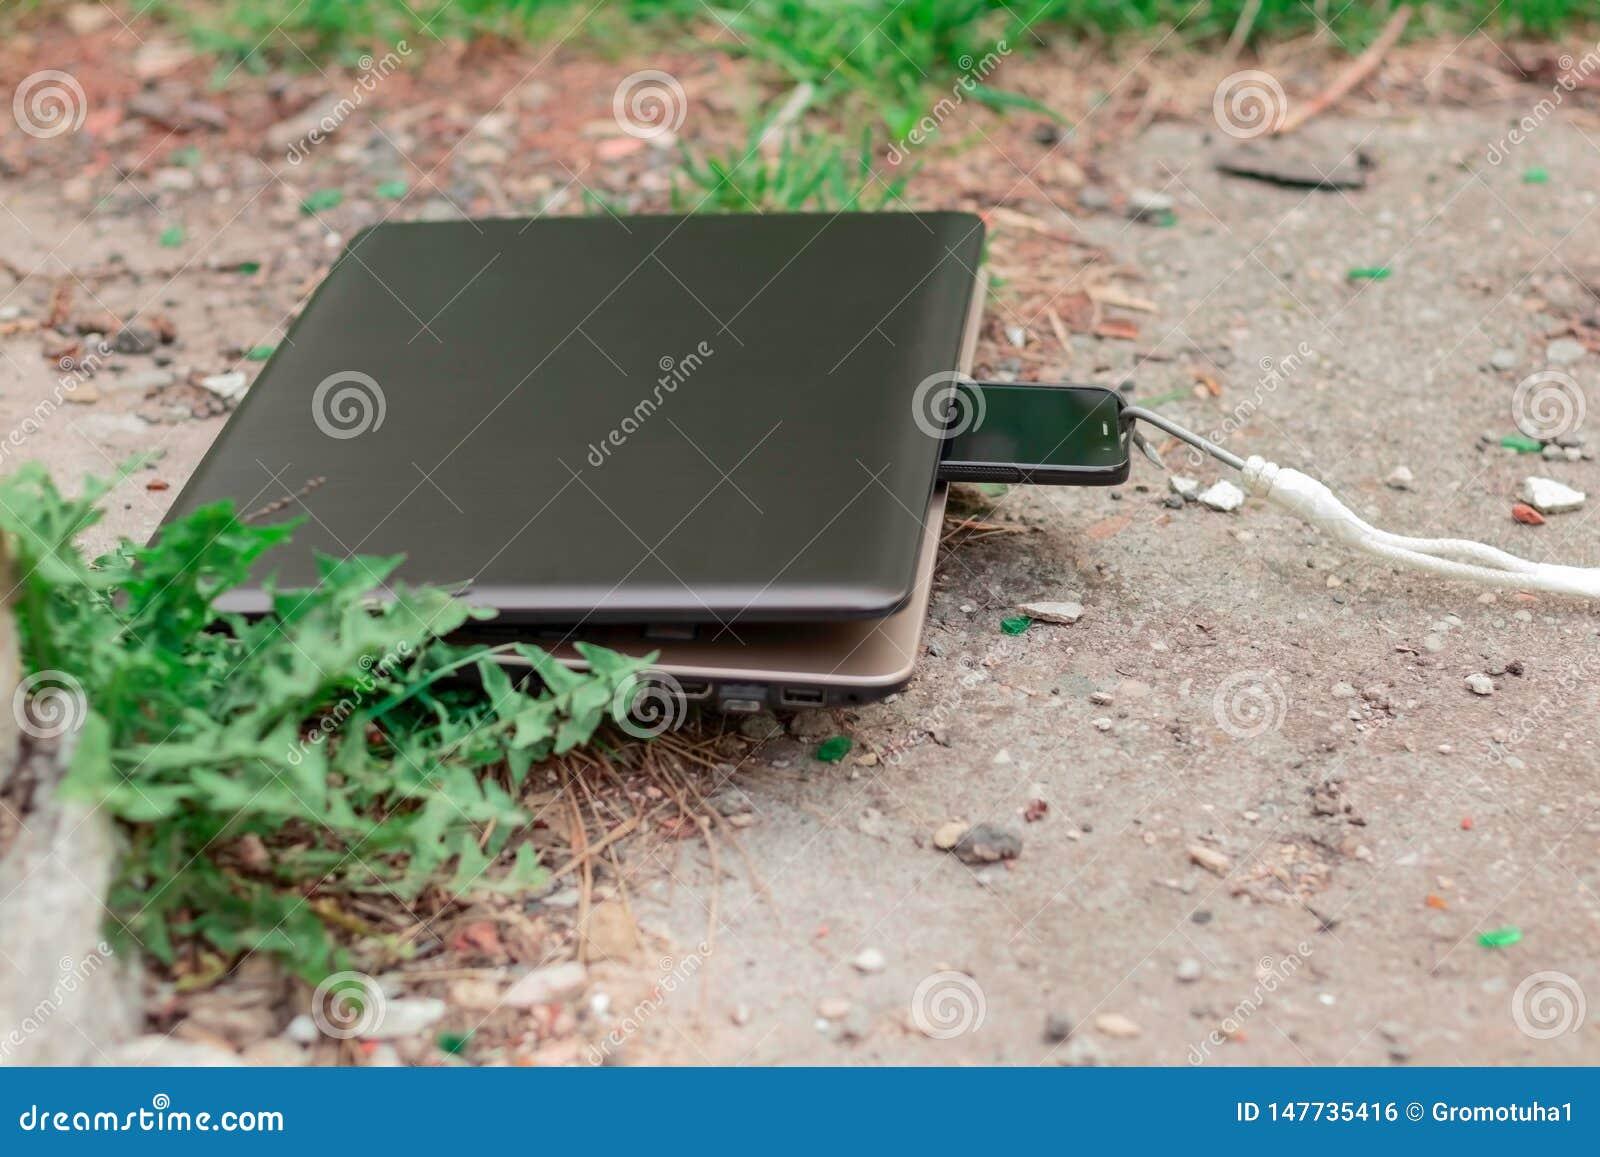 Laptop i smartphone podczas lunchu Potężny przyrząd absorbuje przestarzałego gadżet abstrakcja